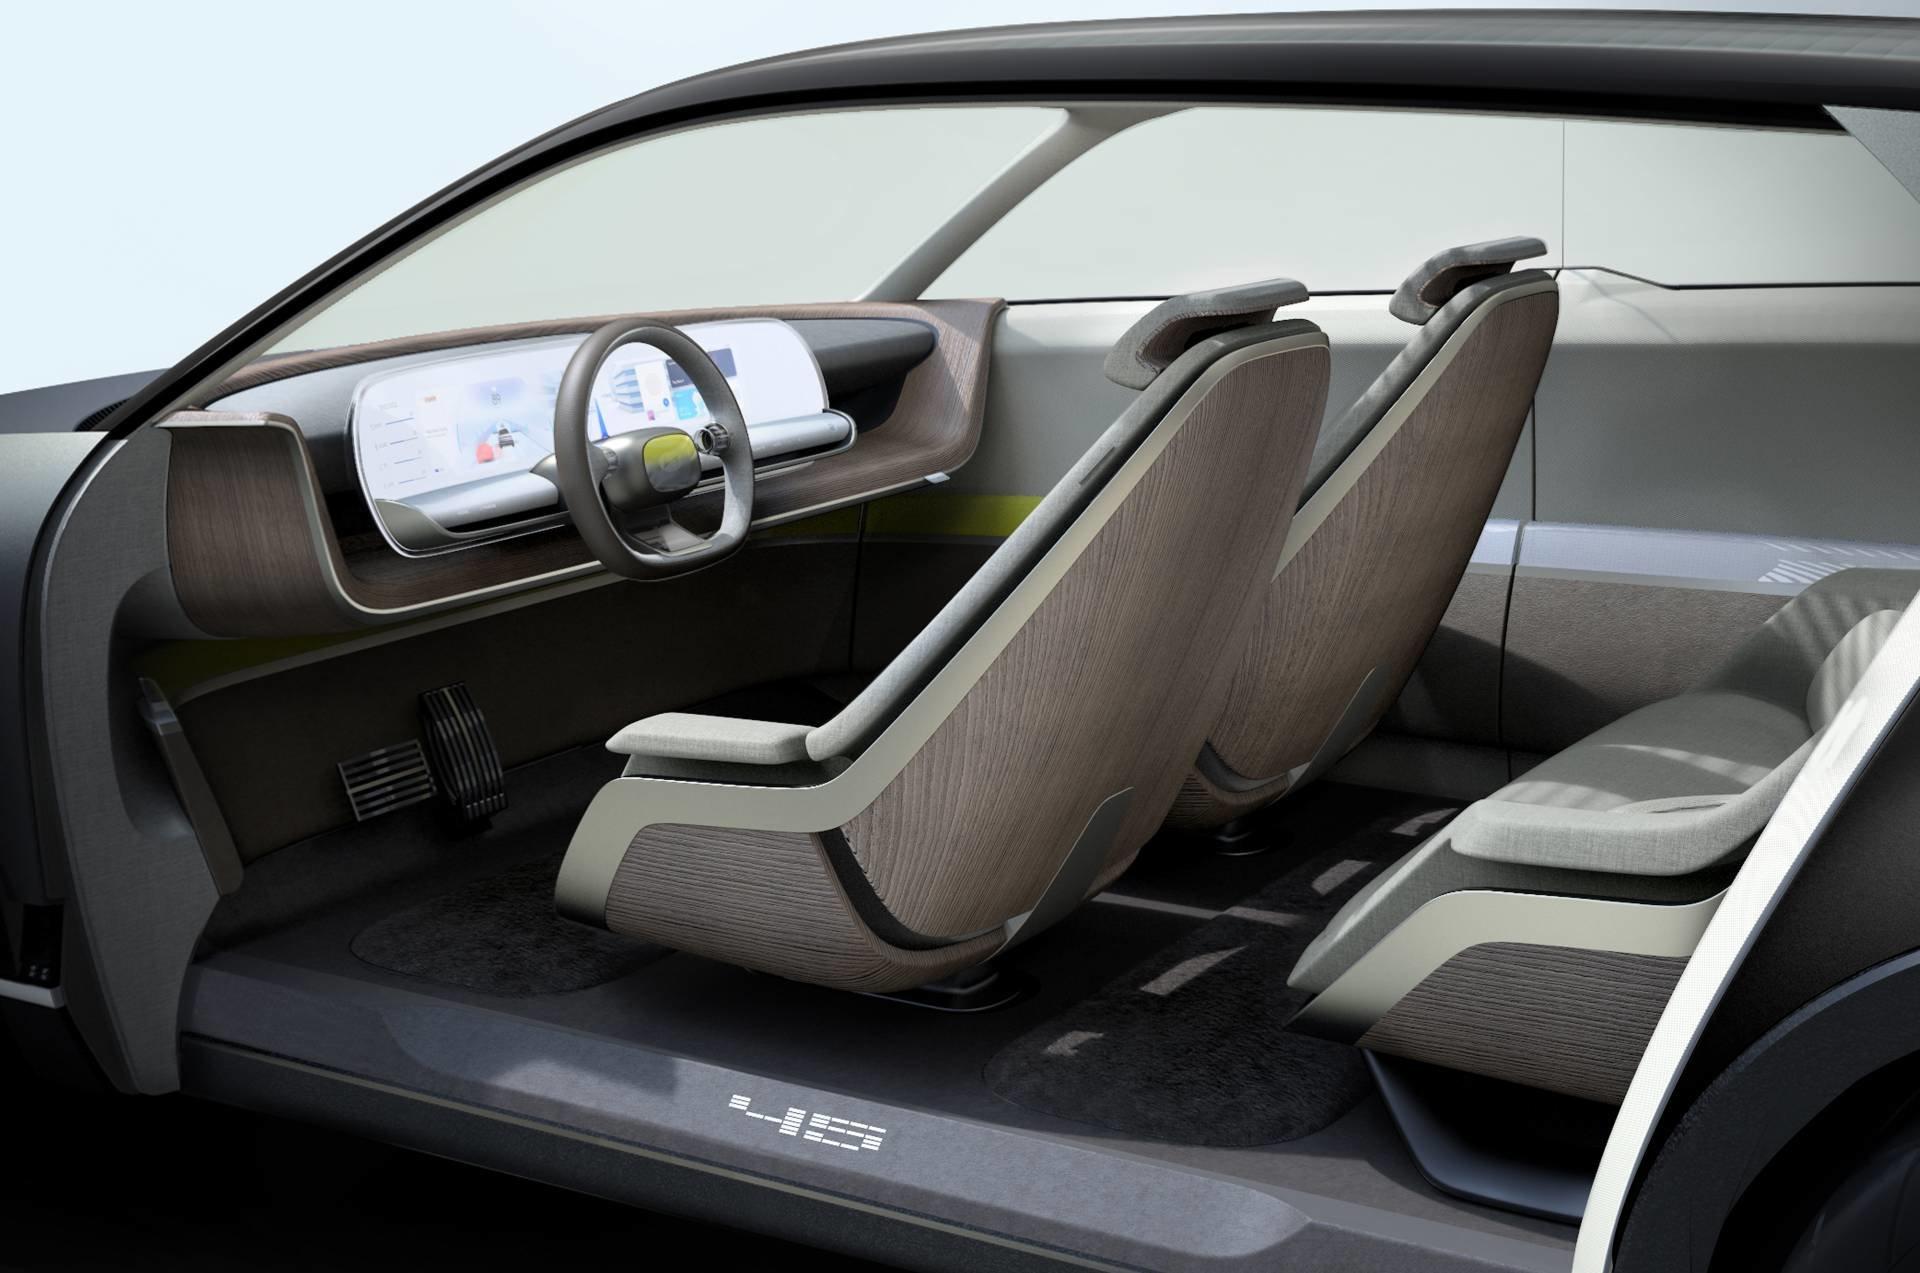 В 2021 году Hyundai начнет продавать в России электромобили. Как выглядит первая модель